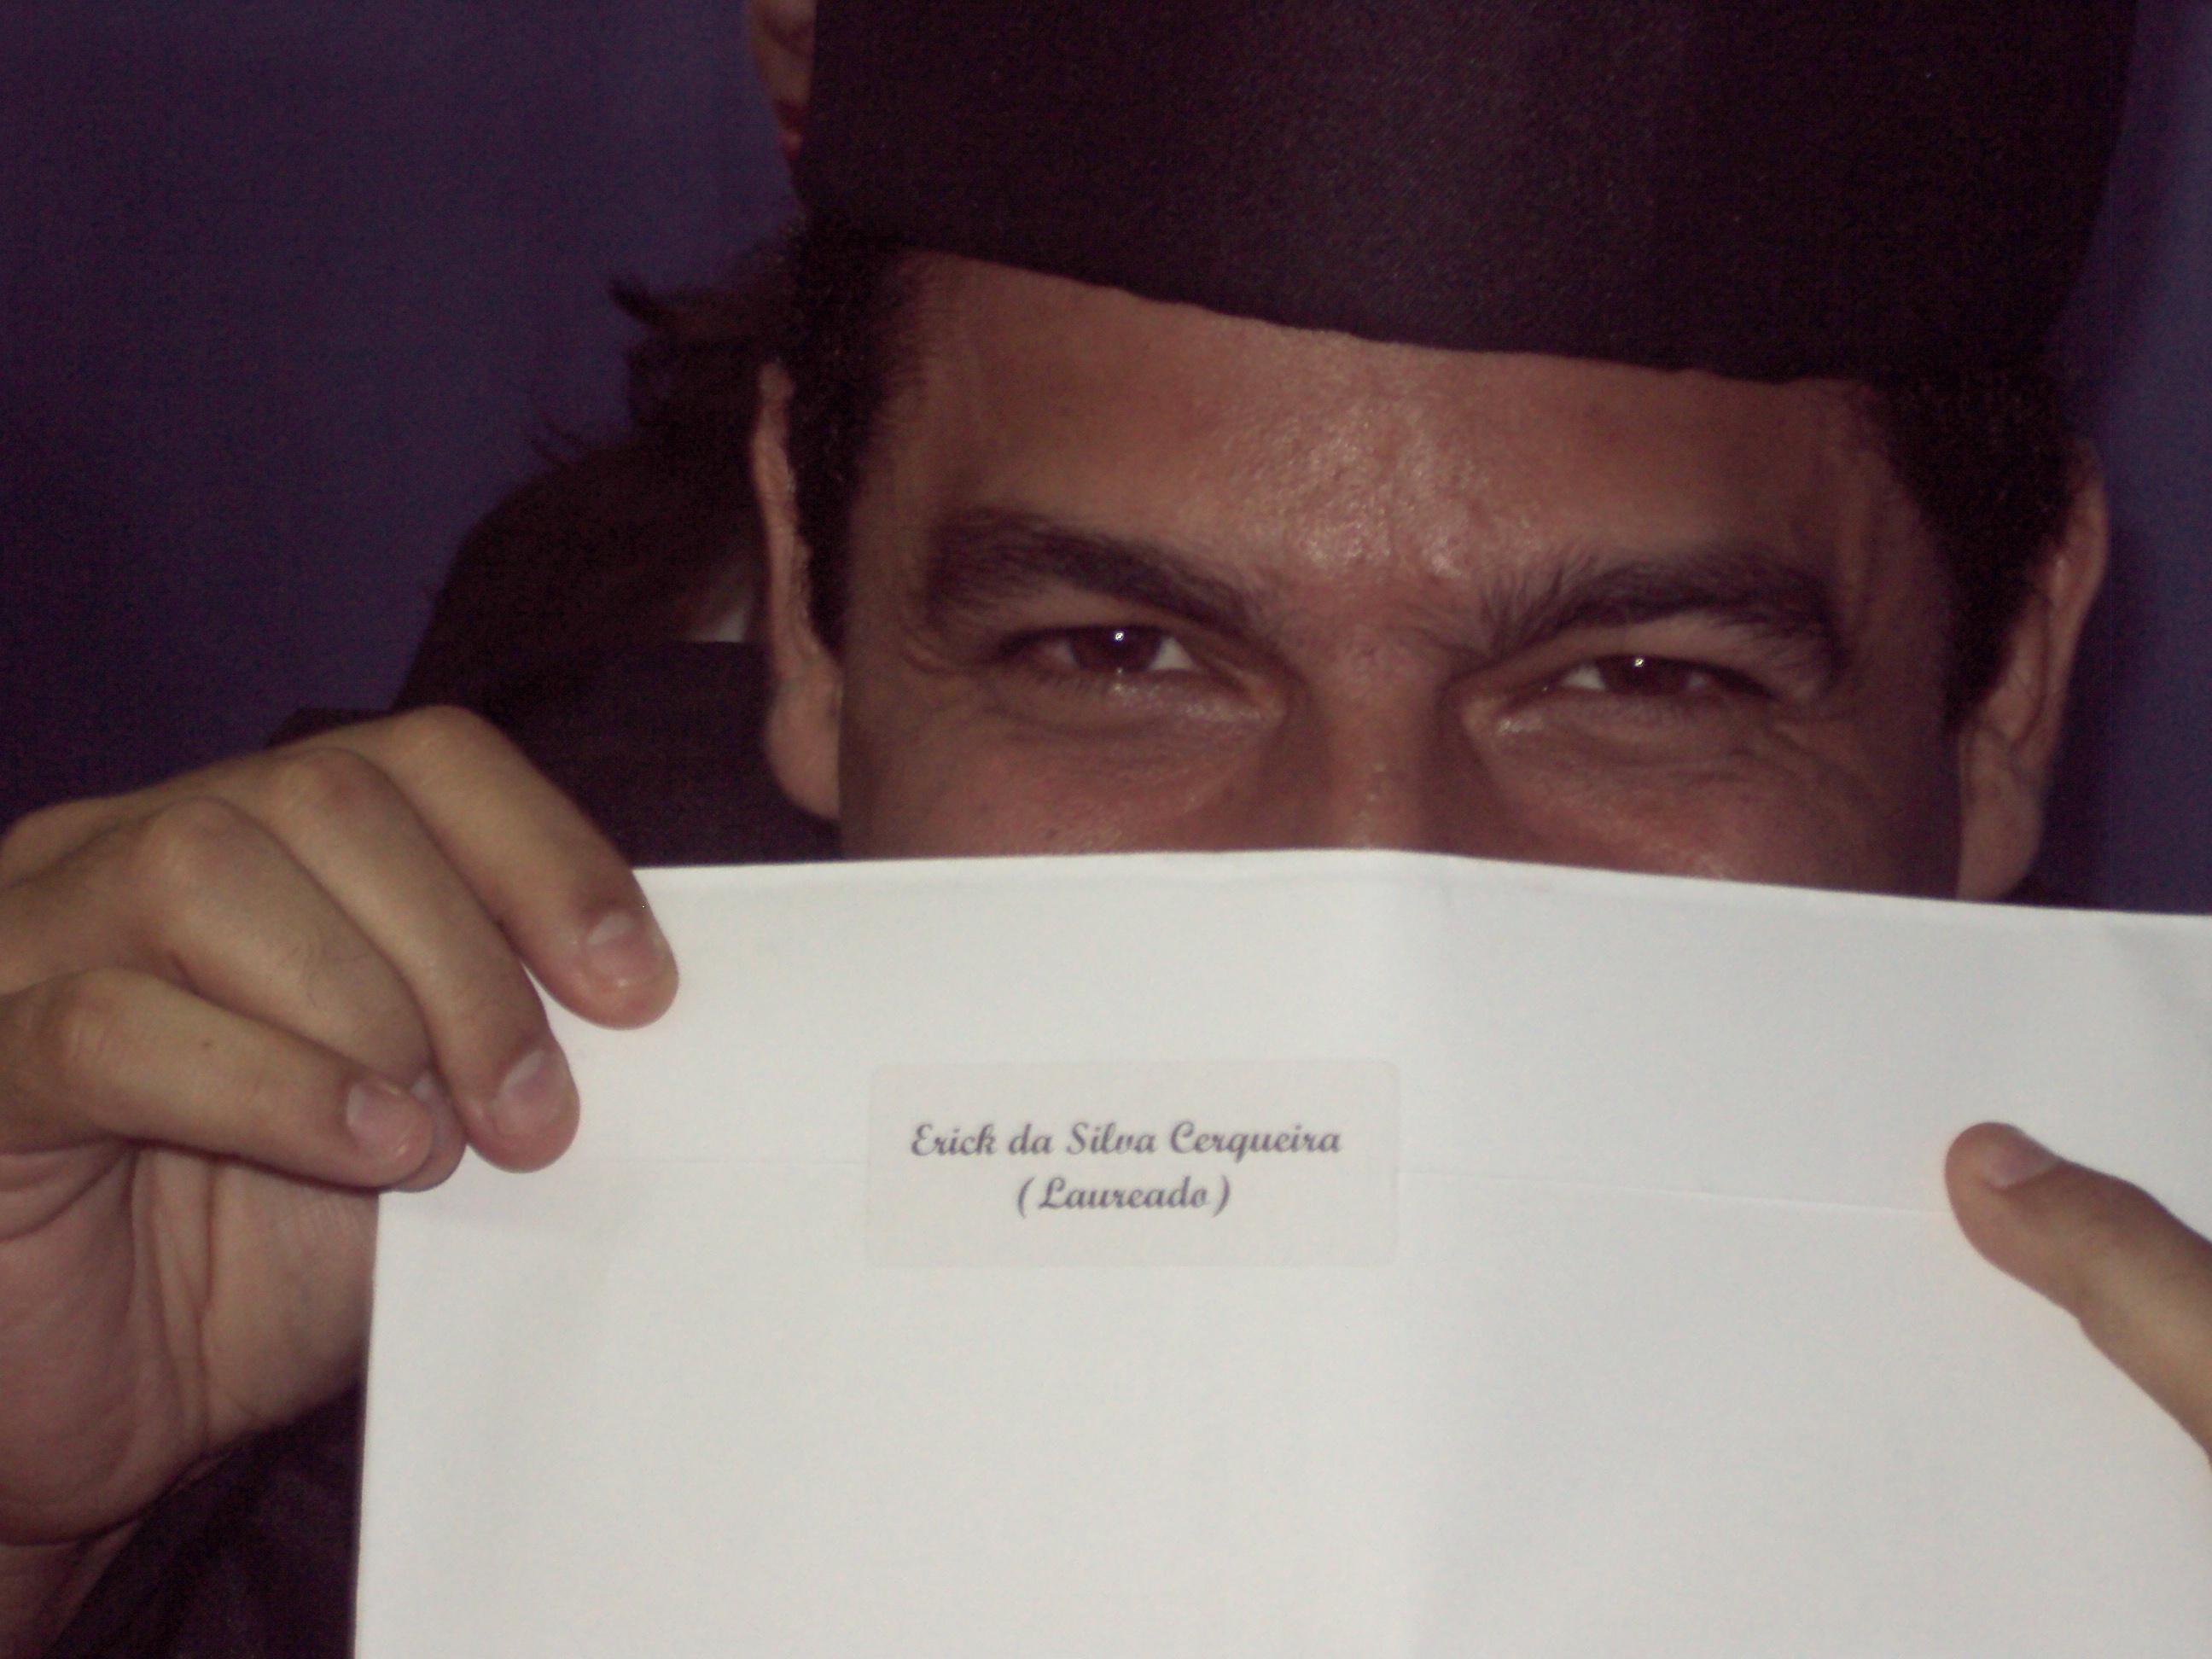 laureado